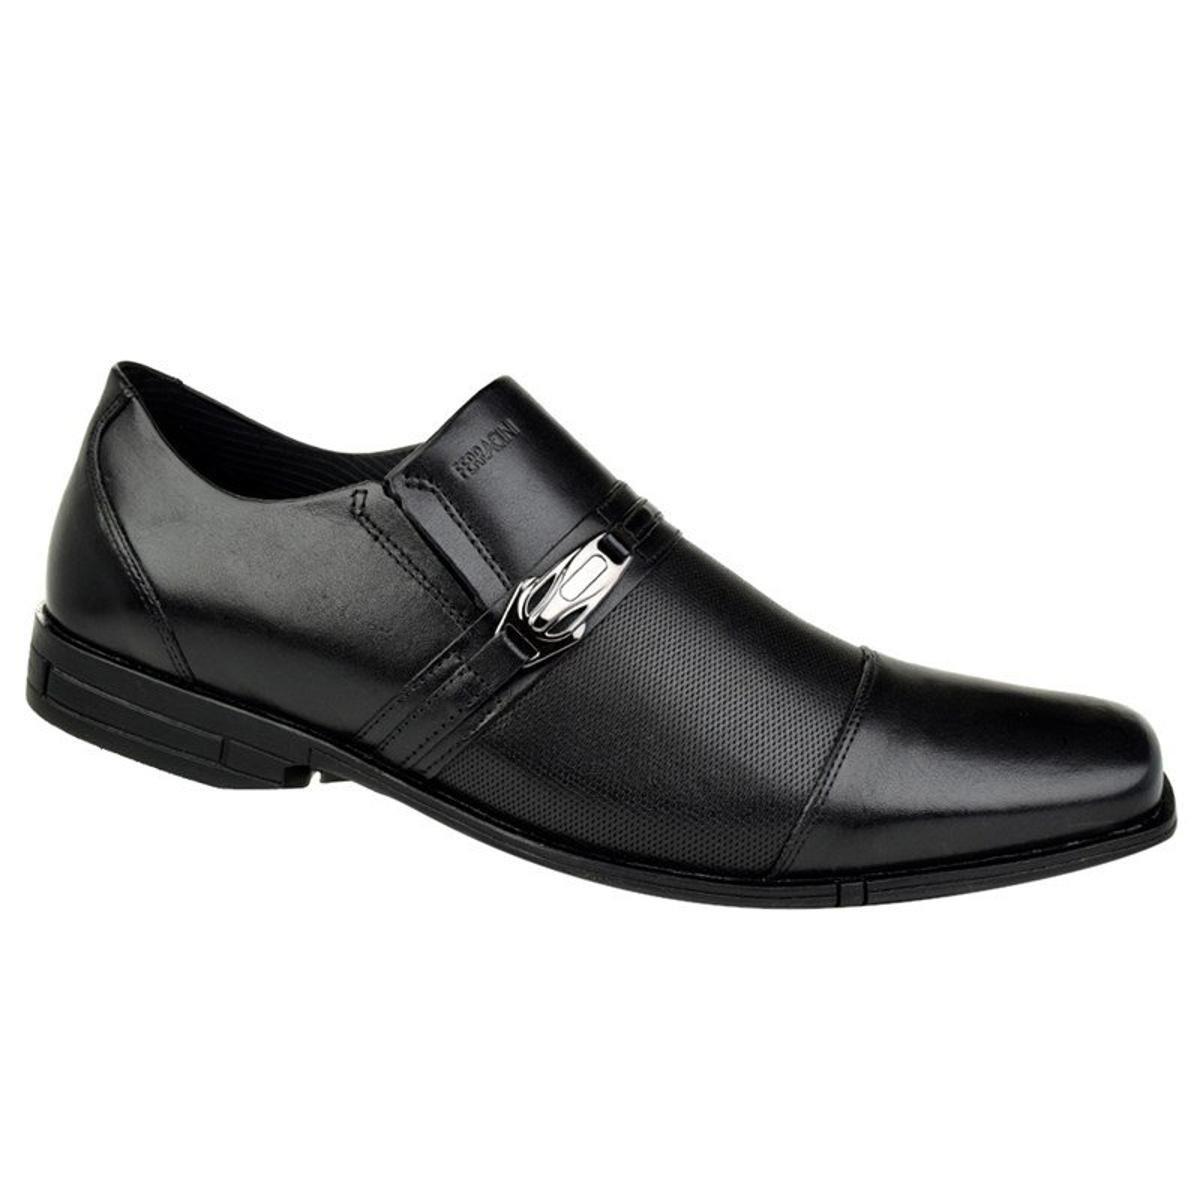 Ferracini Masculino Preto Couro Ferracini Bristol Sapato Bristol Social Couro Sapato Social v6z0qq